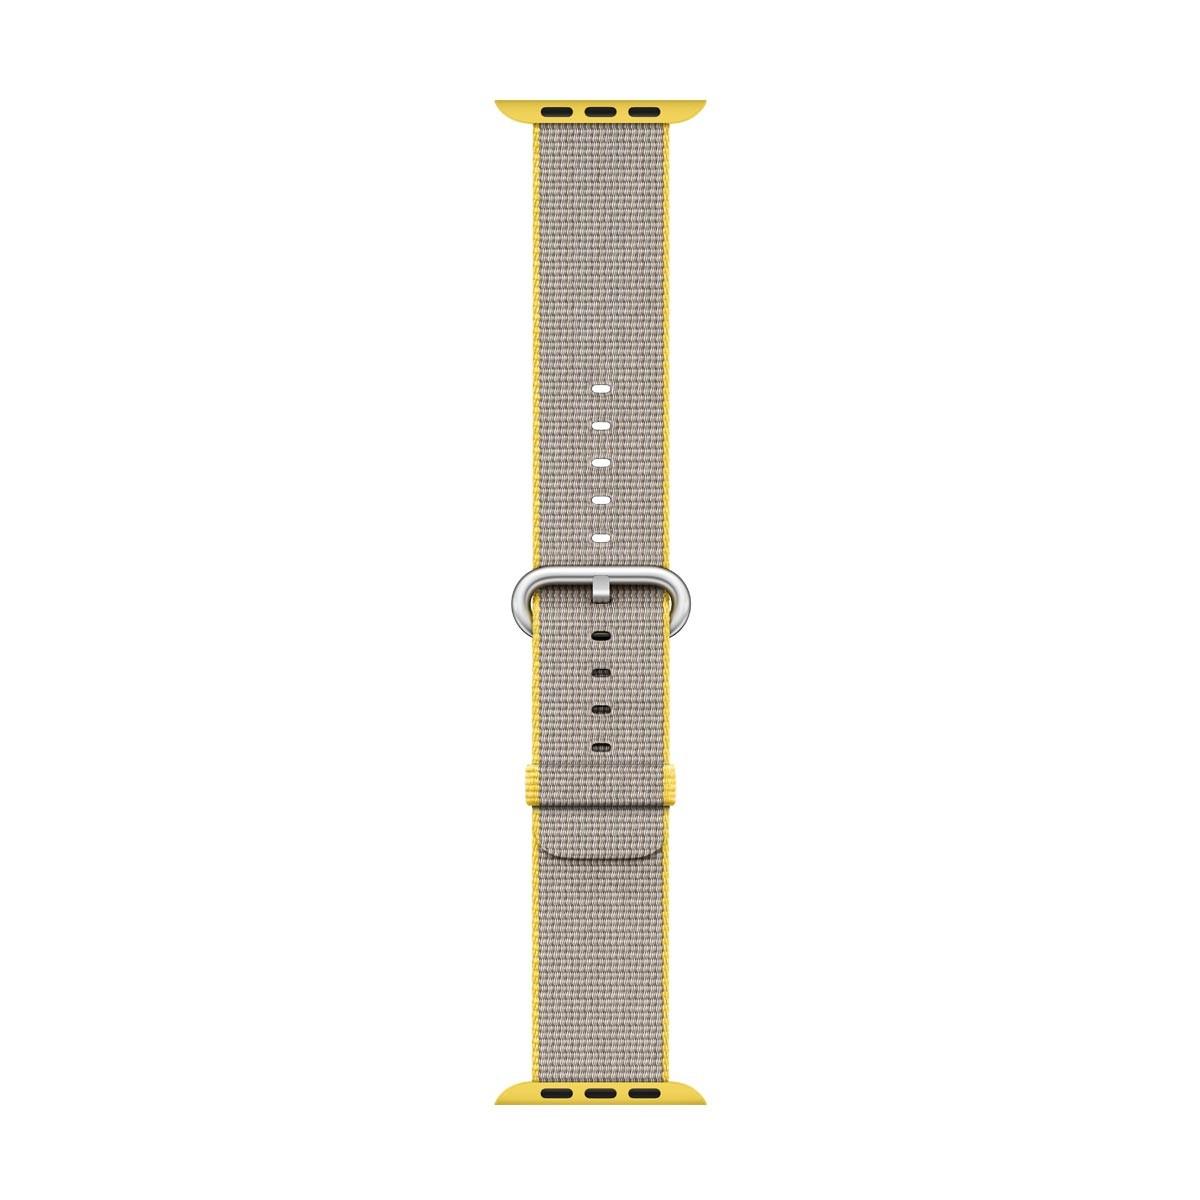 Apple - 38mm žlutý / světle šedý řemínek z tkaného nylonu